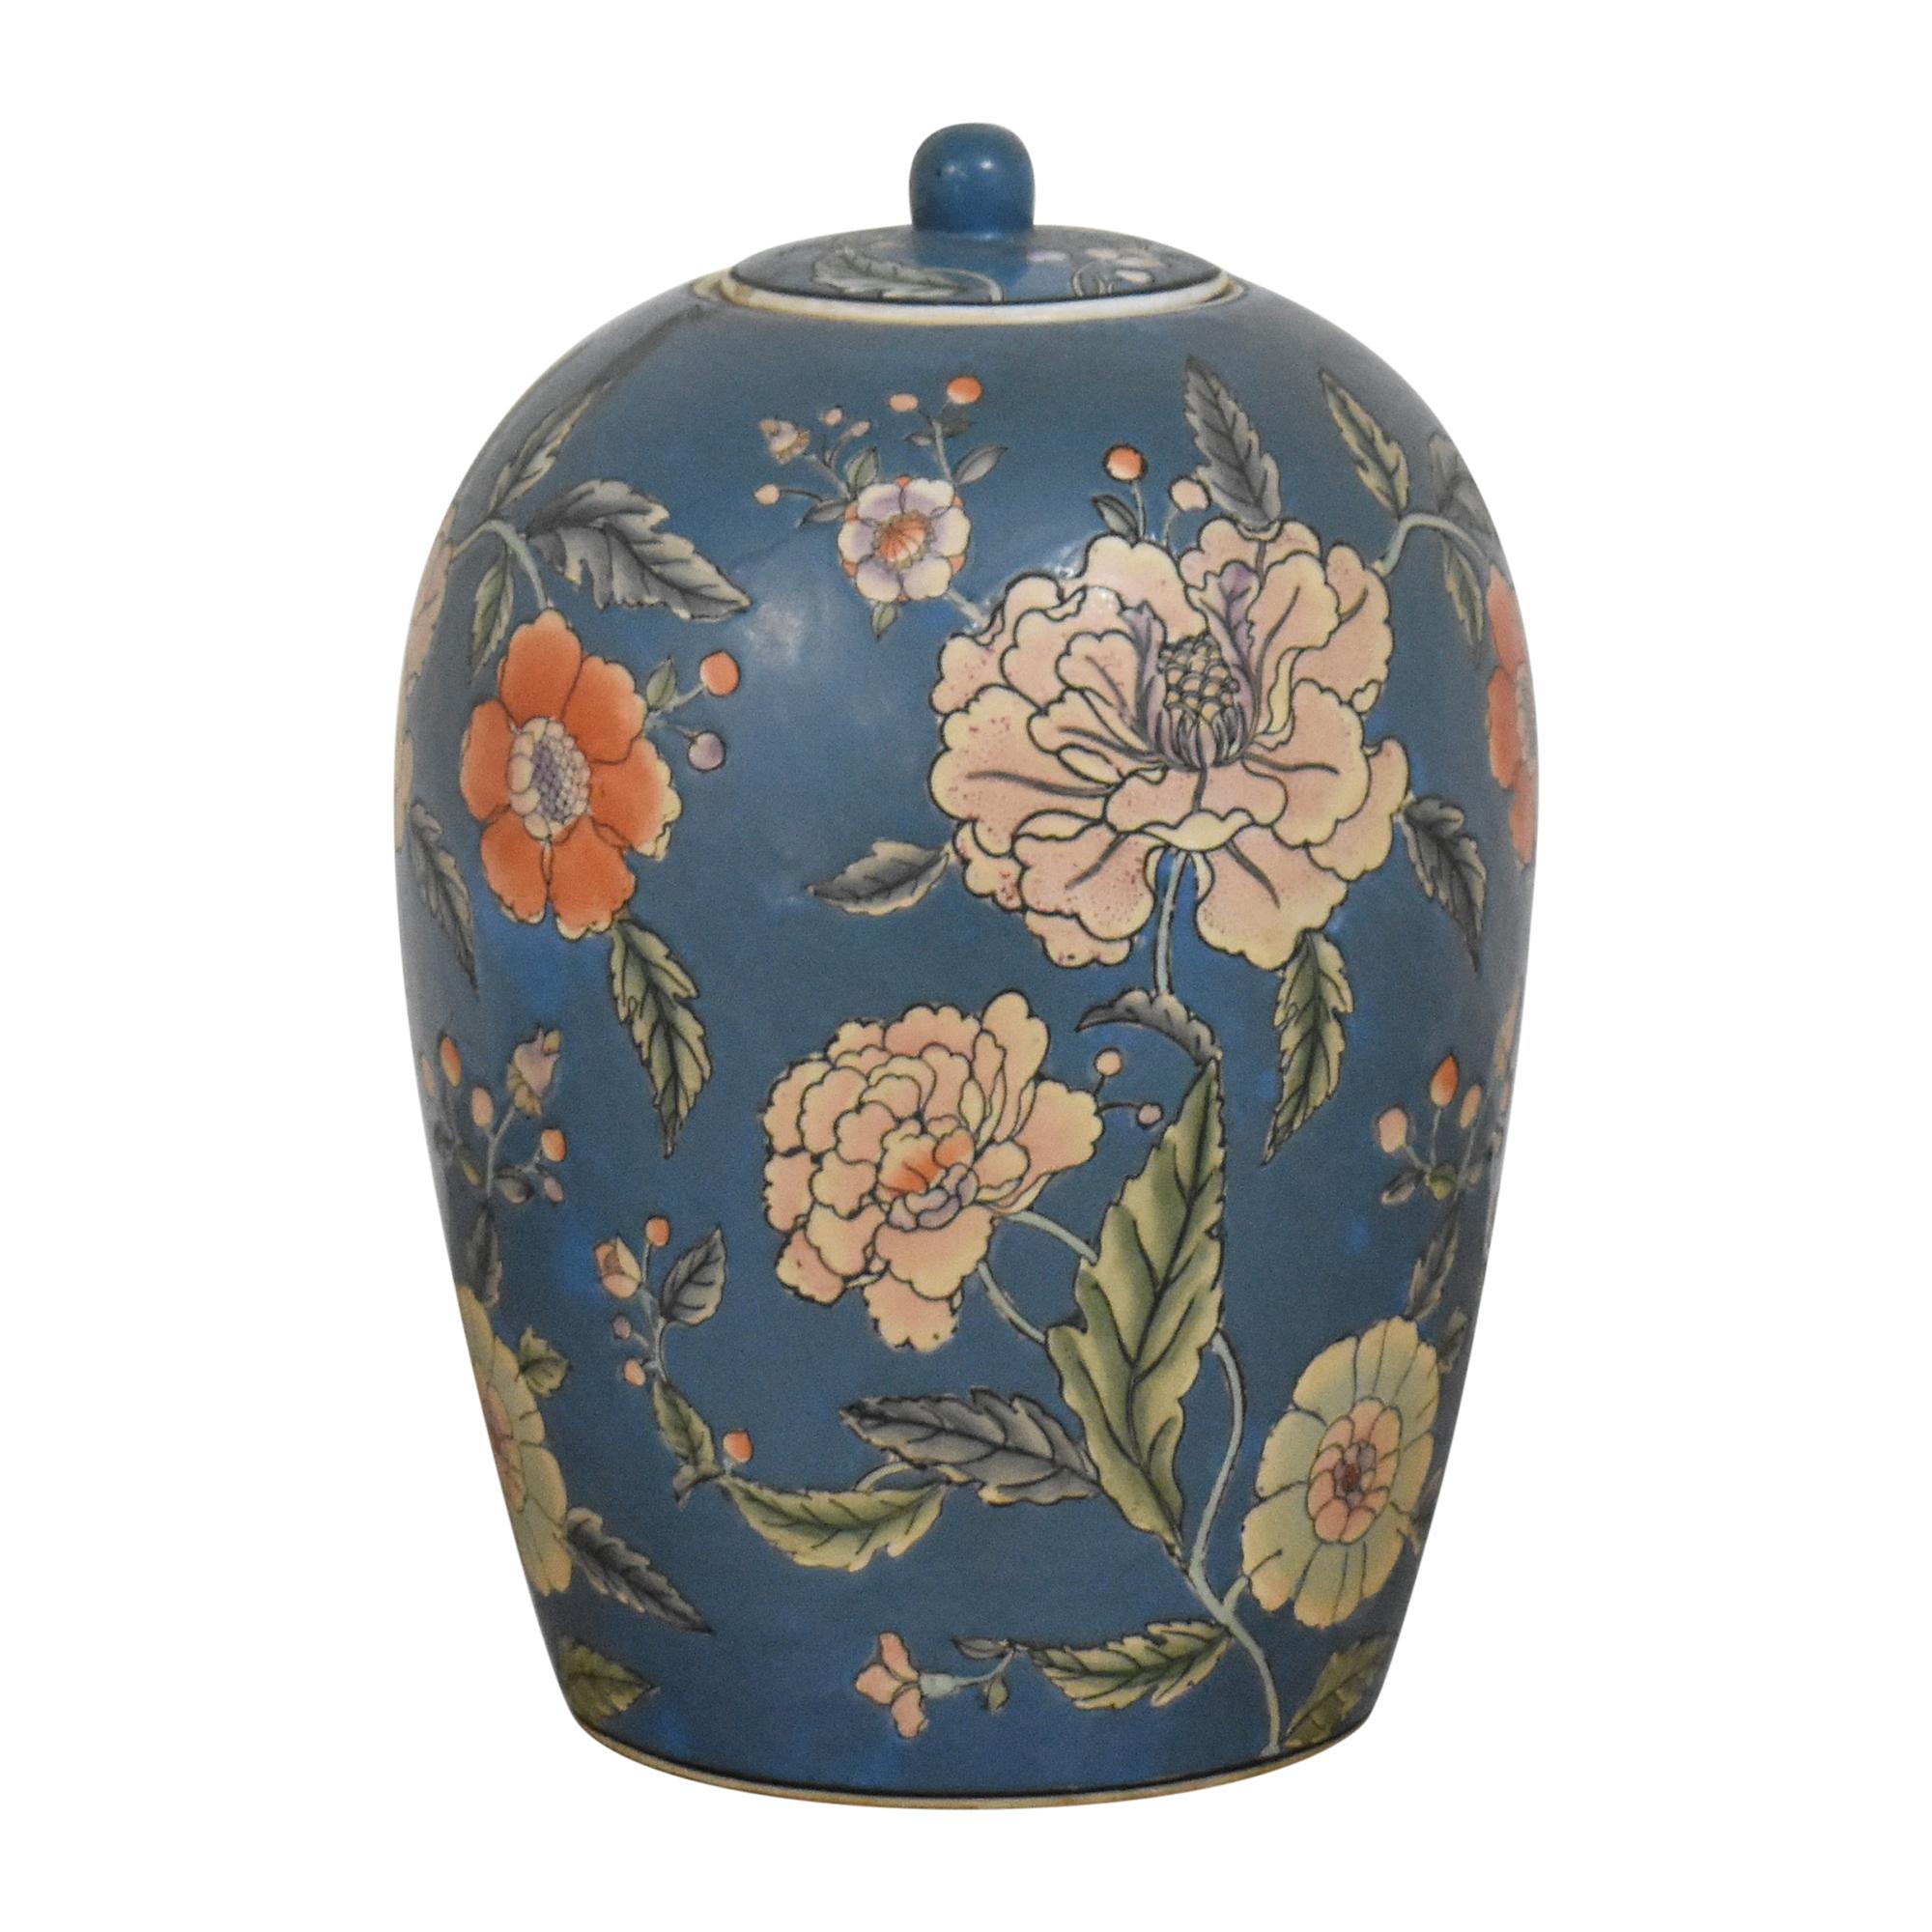 Large Decorative Floral Urn / Decorative Accents